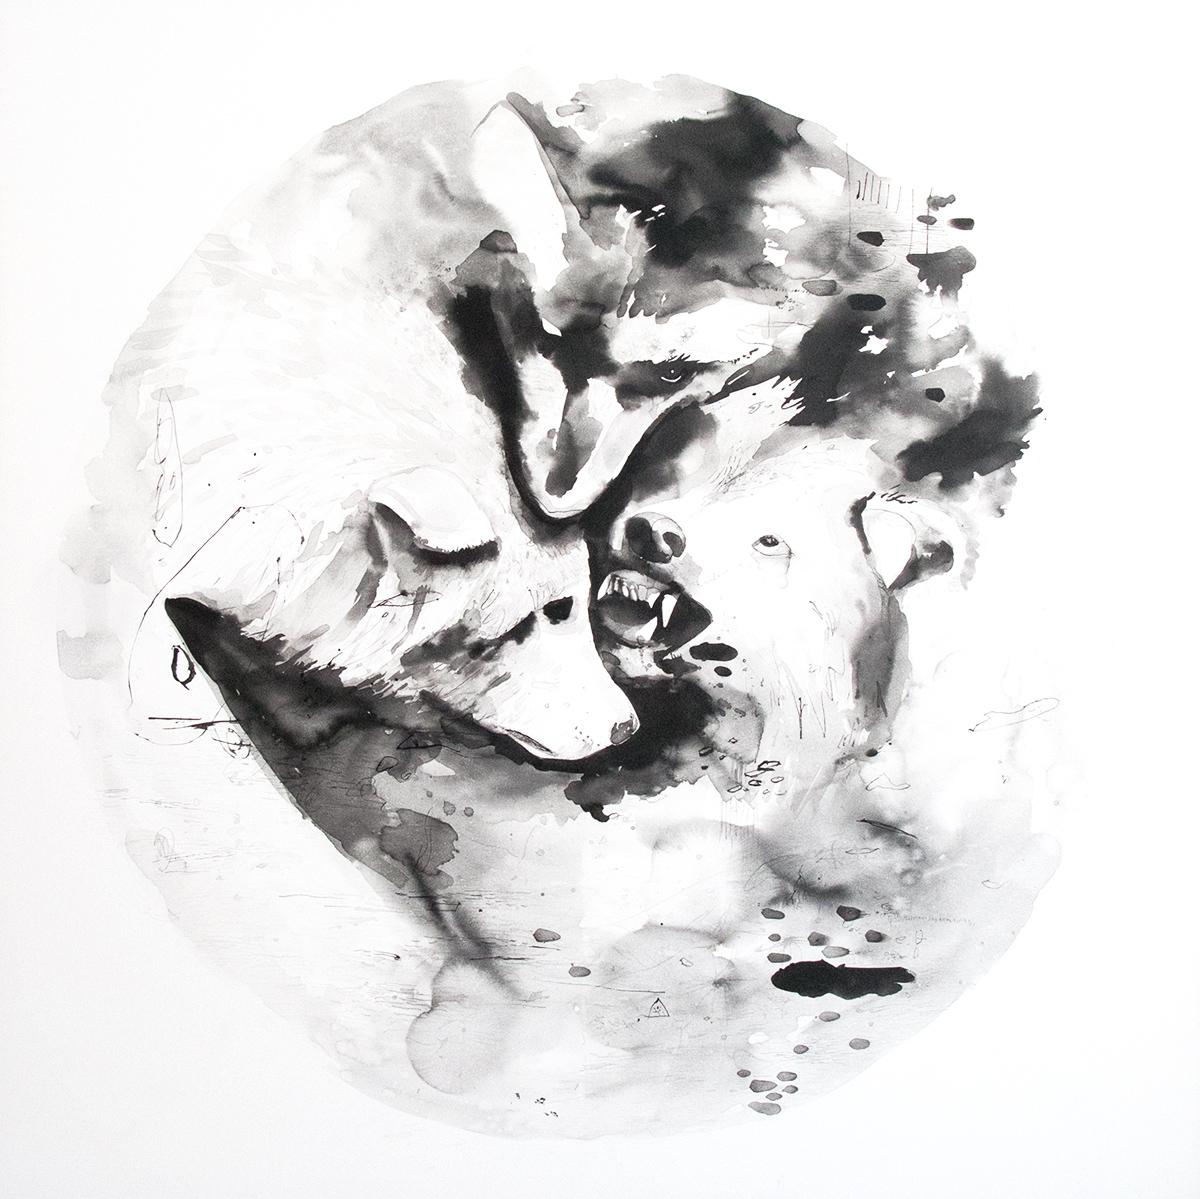 malerier, online kunstgaller, dygtige kunstere, illustrationer, sort hvid, kunstværker